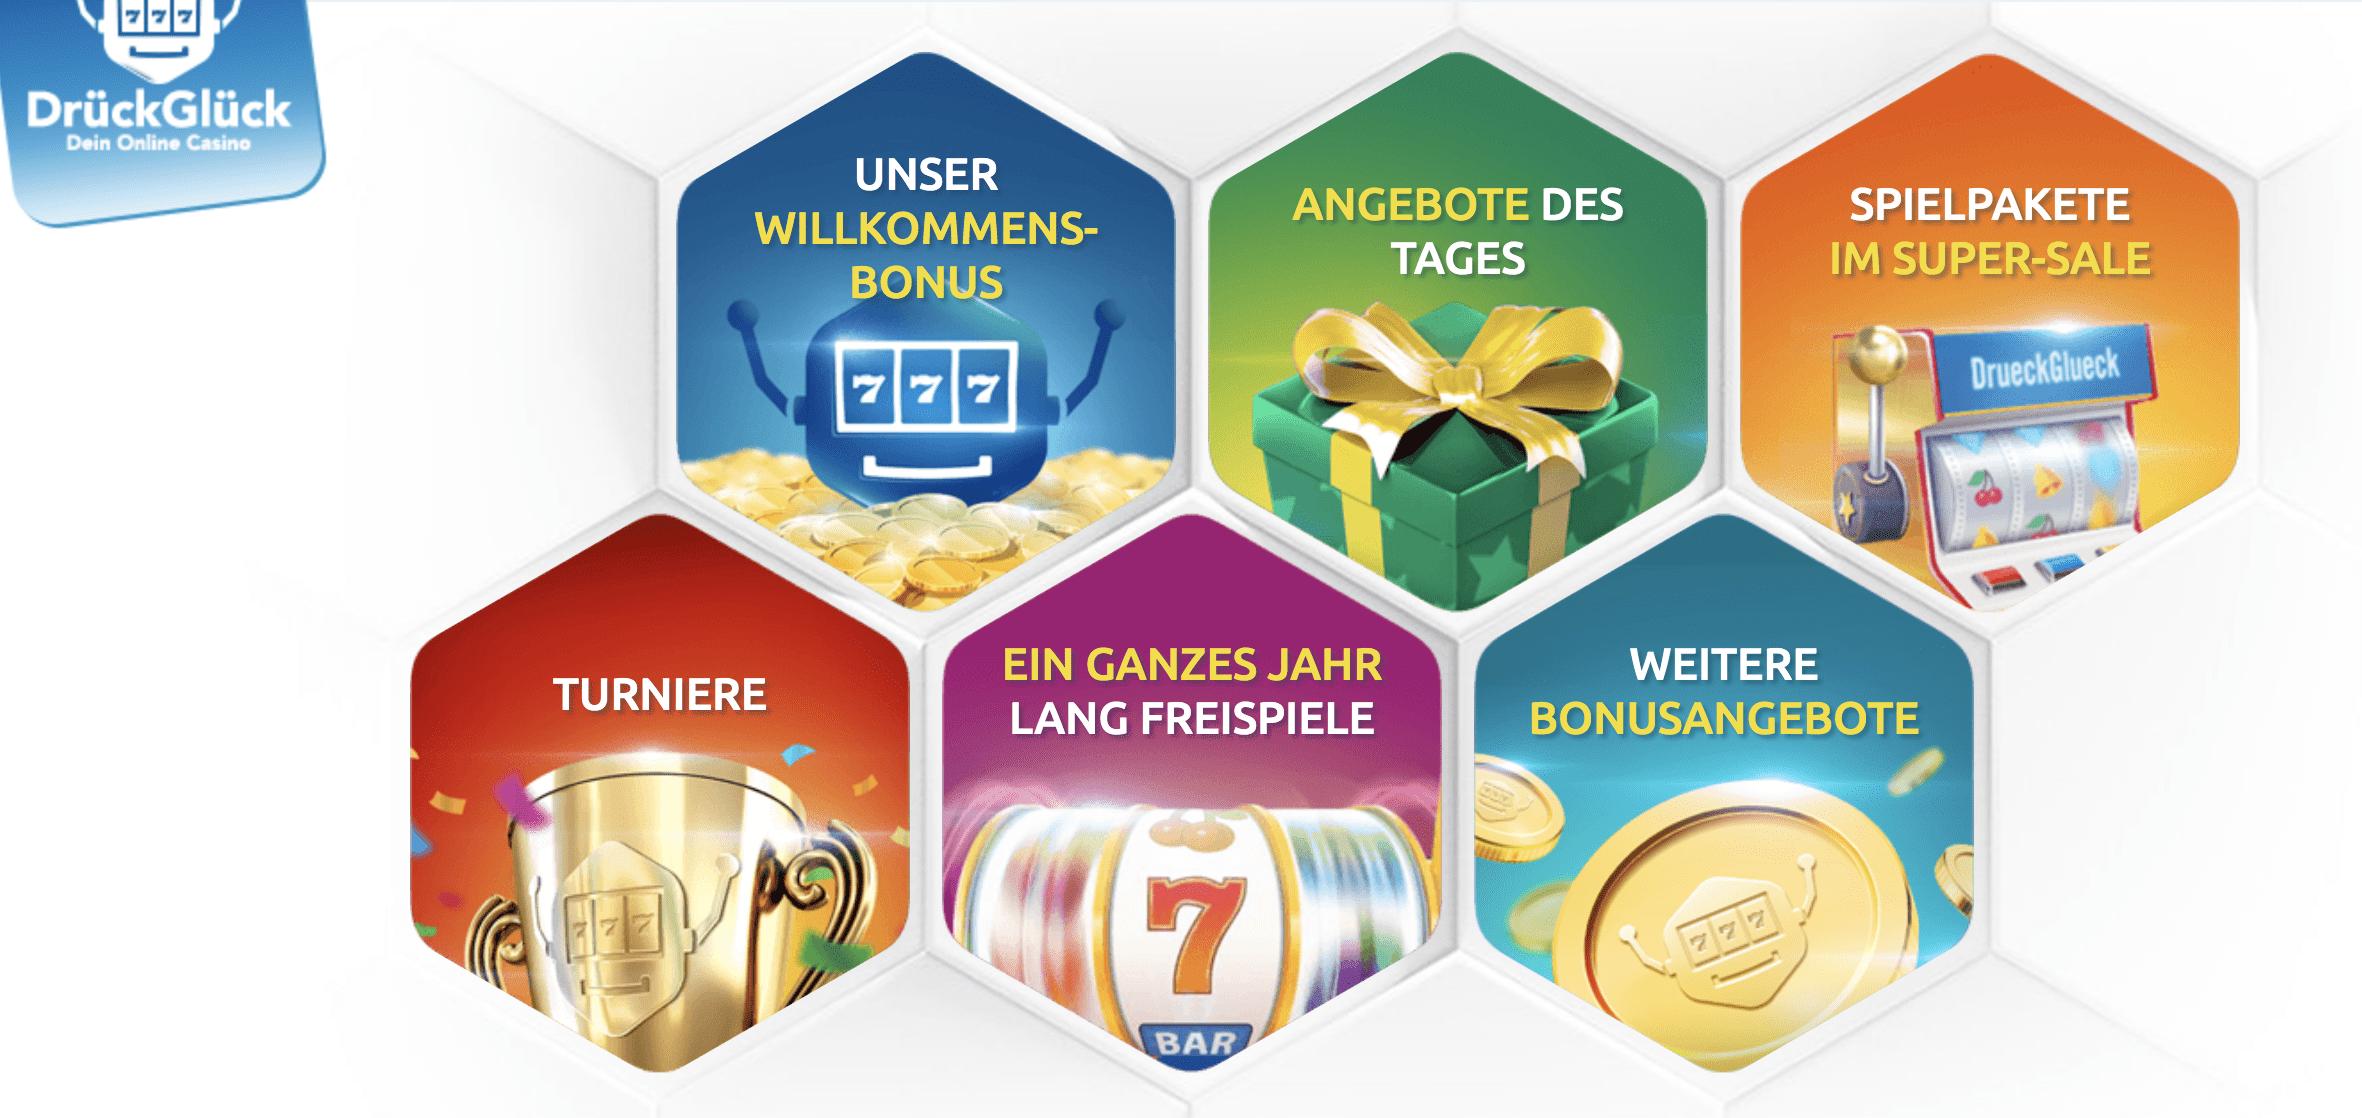 eps (Netpay) Casino – Casino, die eps akzeptieren